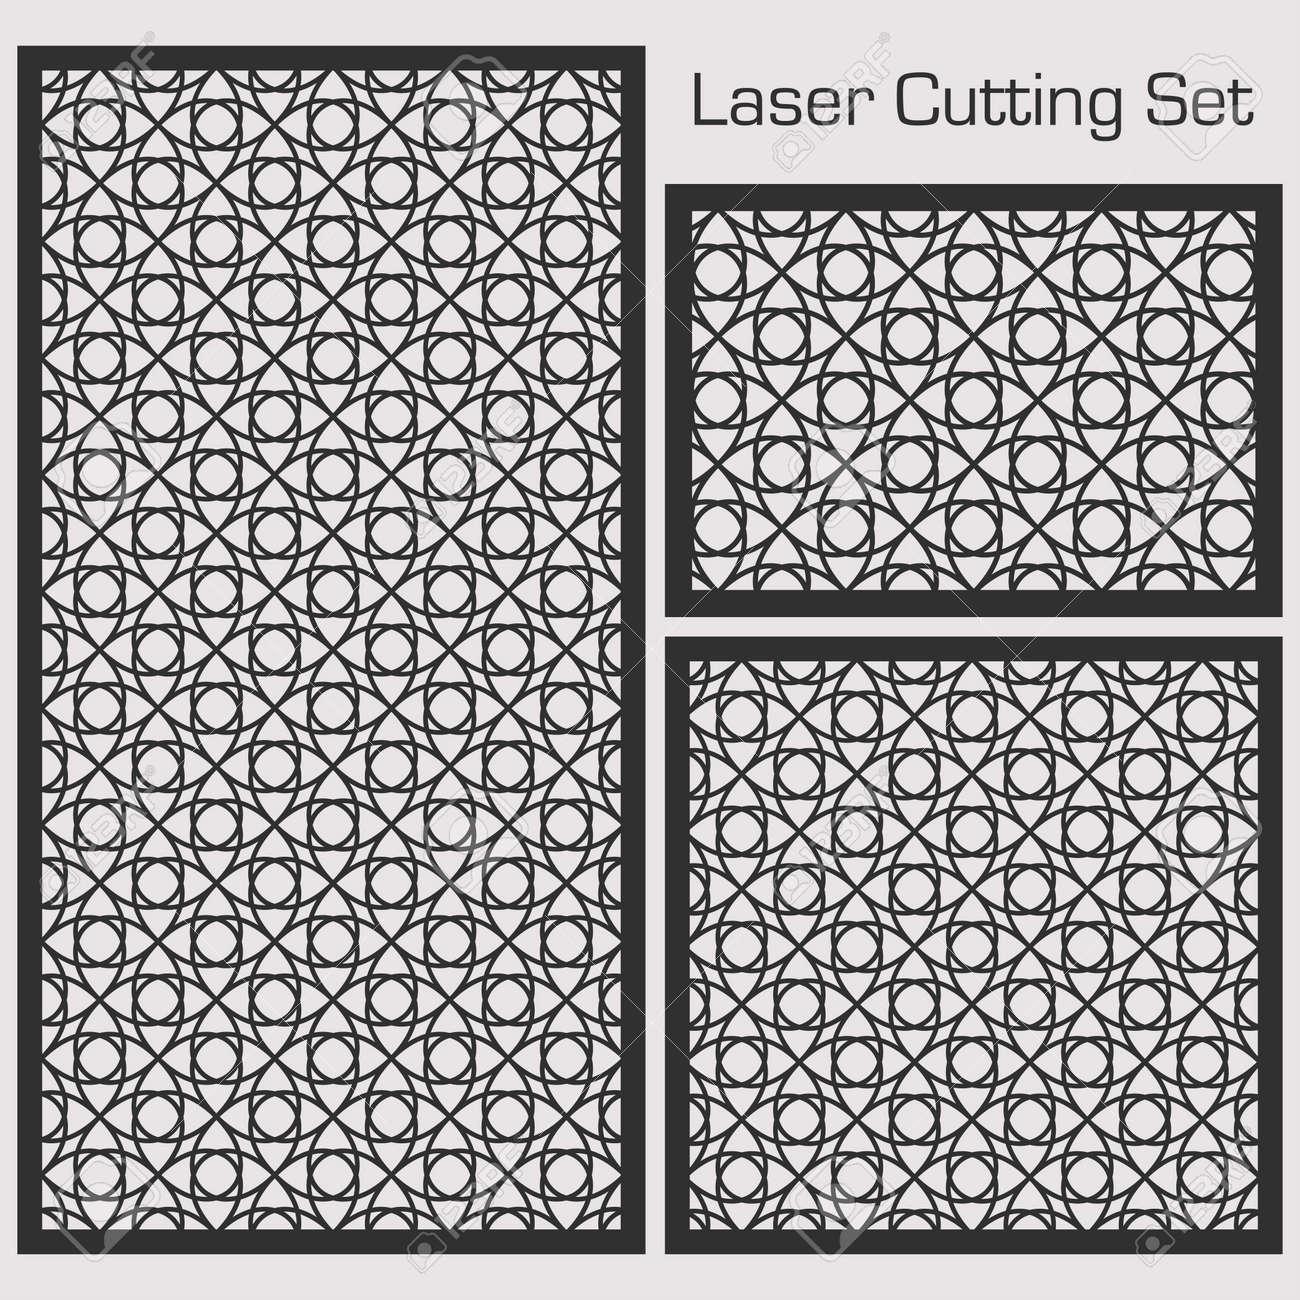 Ein Satz Dekorative Platten Fur Laserausschnitt Mit Einem Geometrischen Muster Fur Das Ausschneiden Des Papiers Des Holzes Des Metalls Lizenzfrei Nutzbare Vektorgrafiken Clip Arts Illustrationen Image 78780527